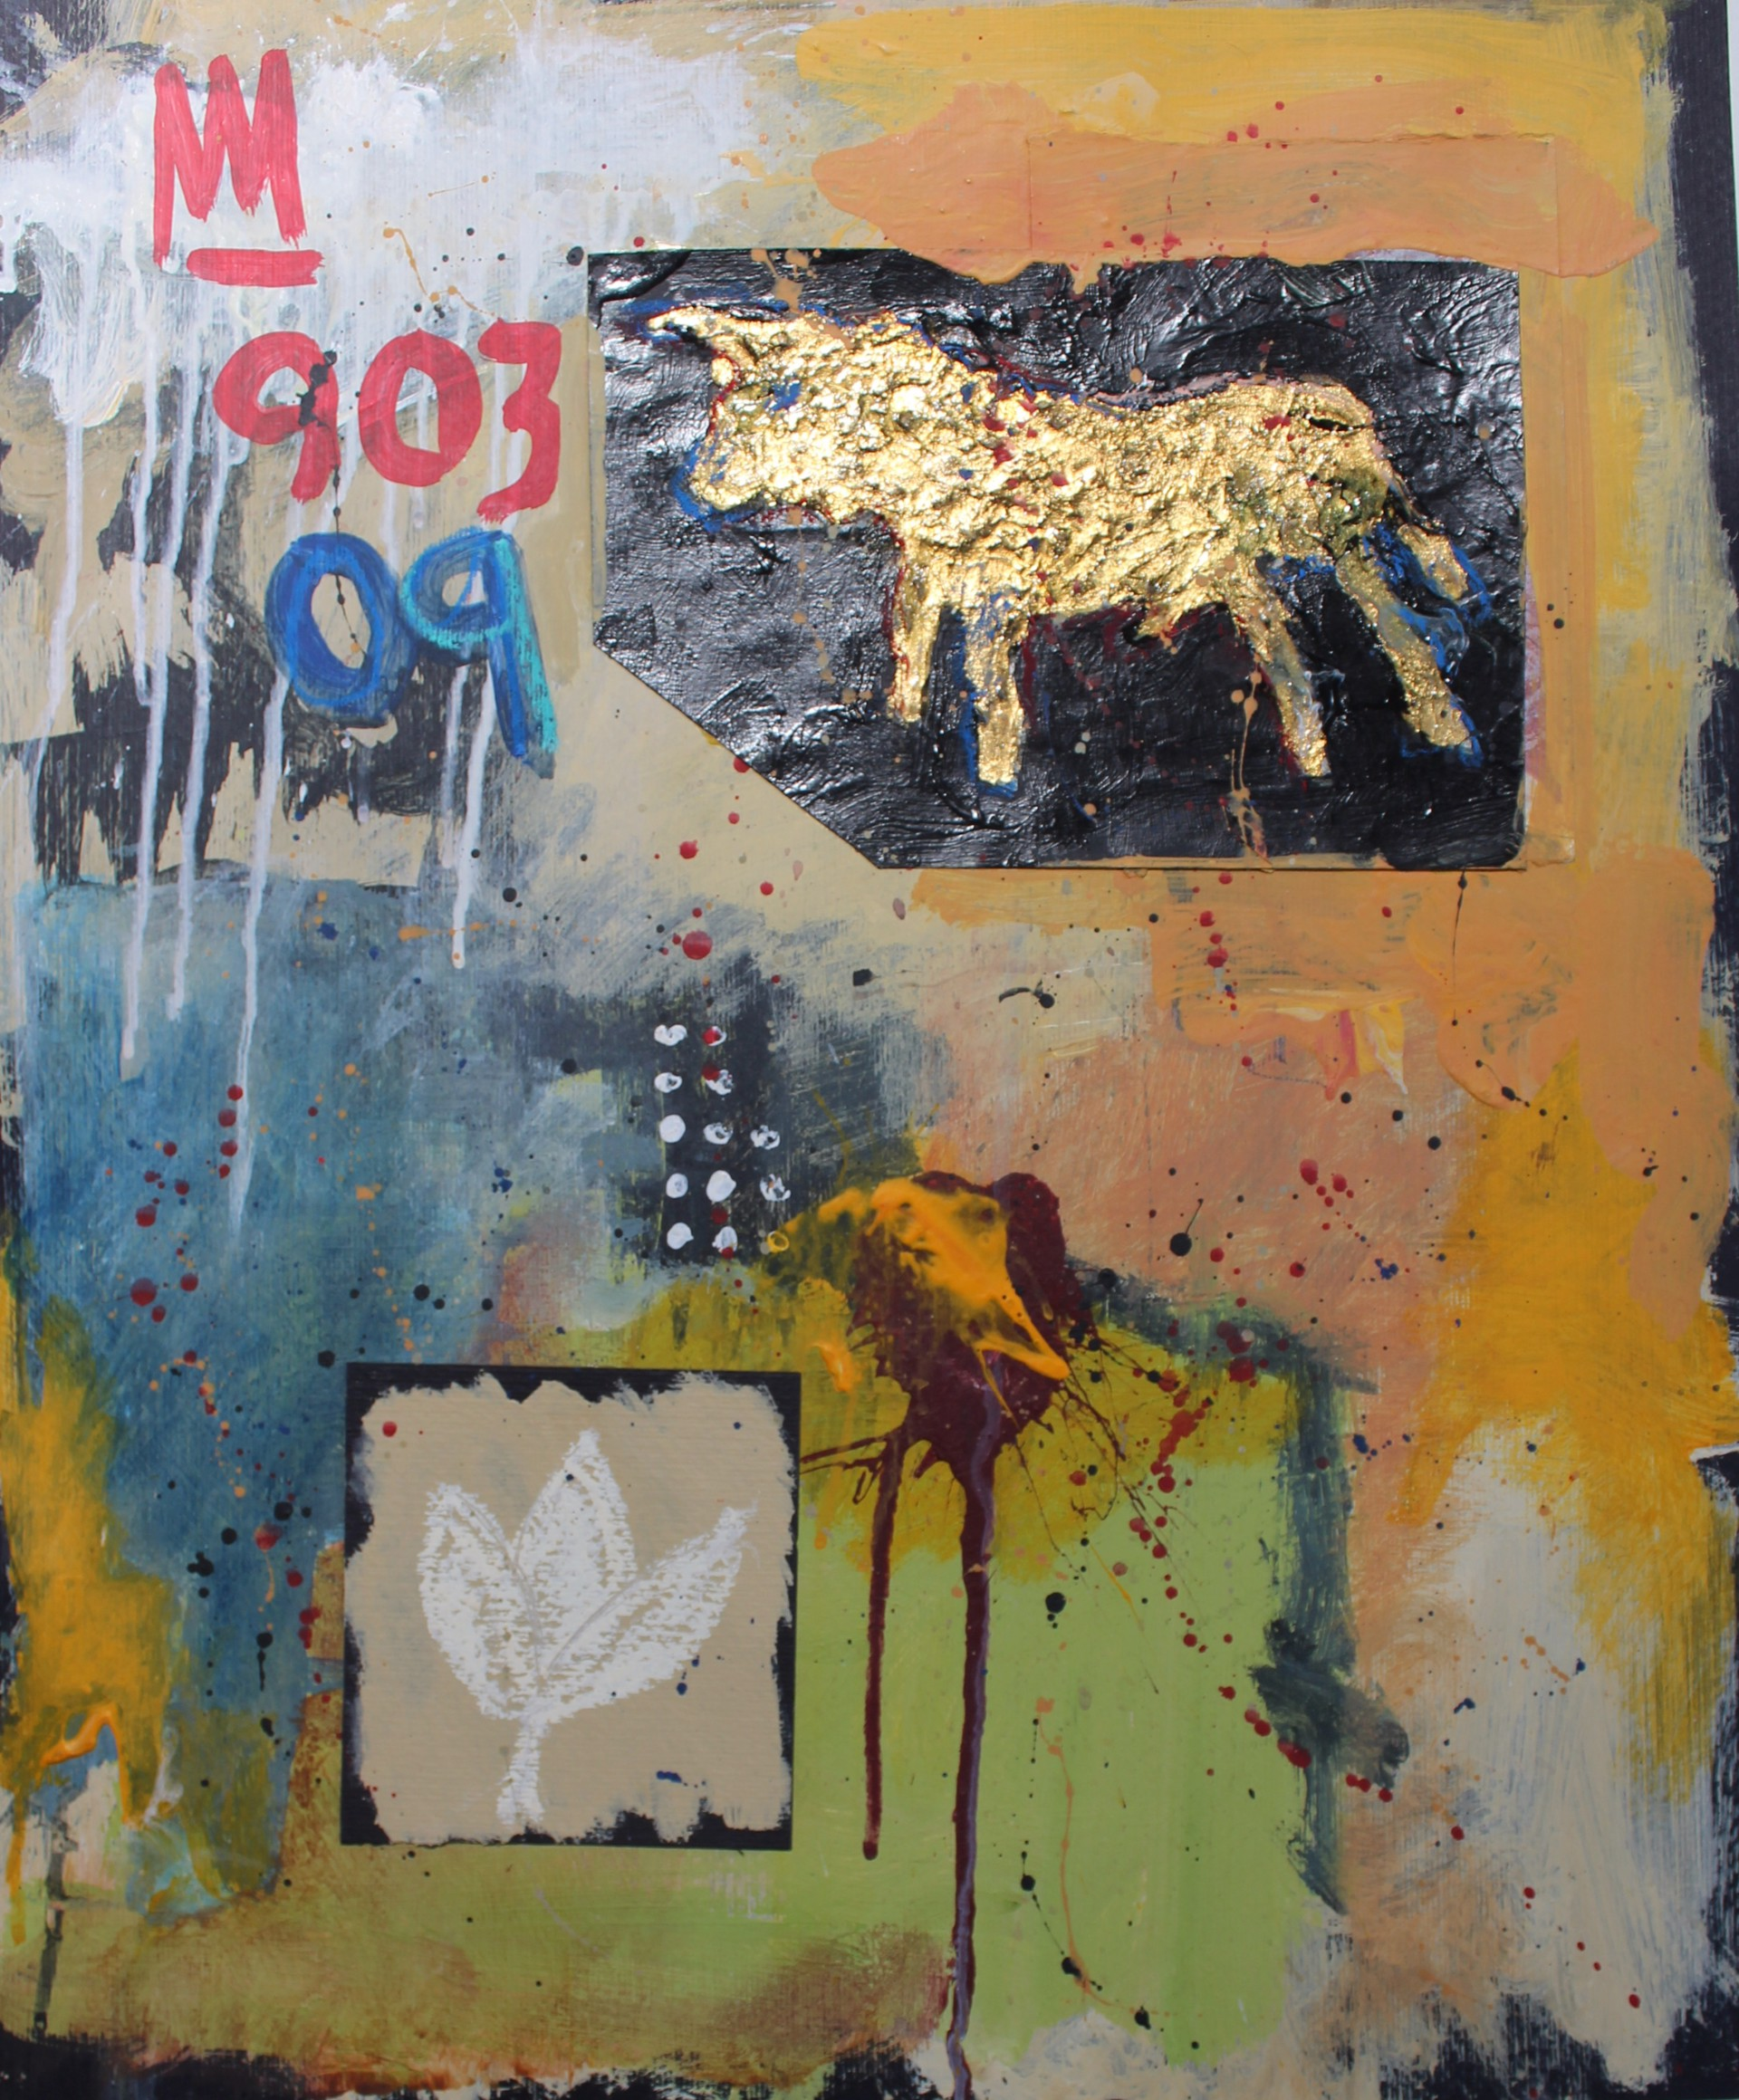 Golden Calf by Michael Snodgrass